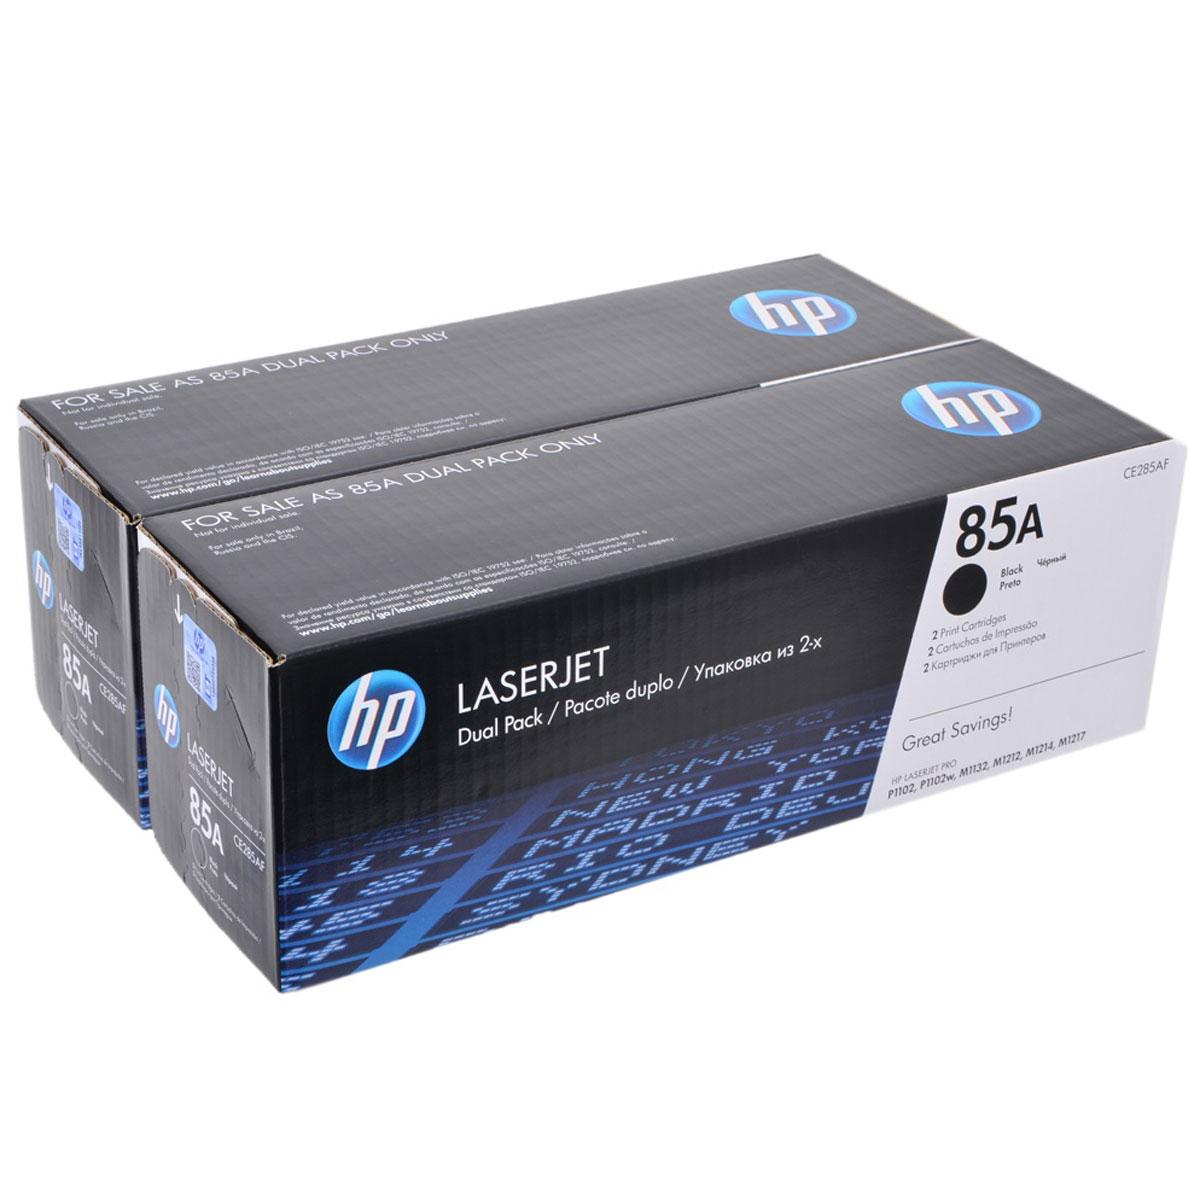 HP CE285AF, Black картридж для LaserJetCE285AFУпаковка из 2 оригинальных лазерных картриджей HP CE285AF позволяет печатать и экономить больше. Получите профессиональное качество